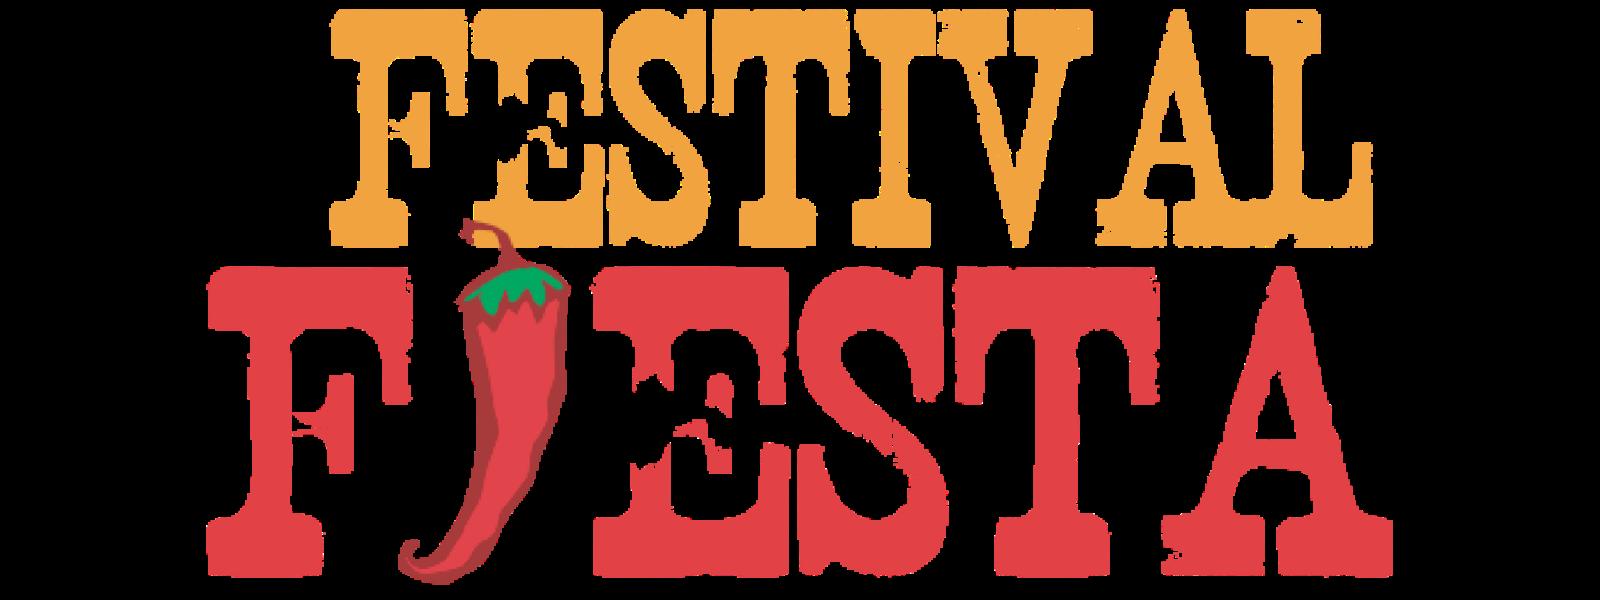 Festival Fiesta Classic